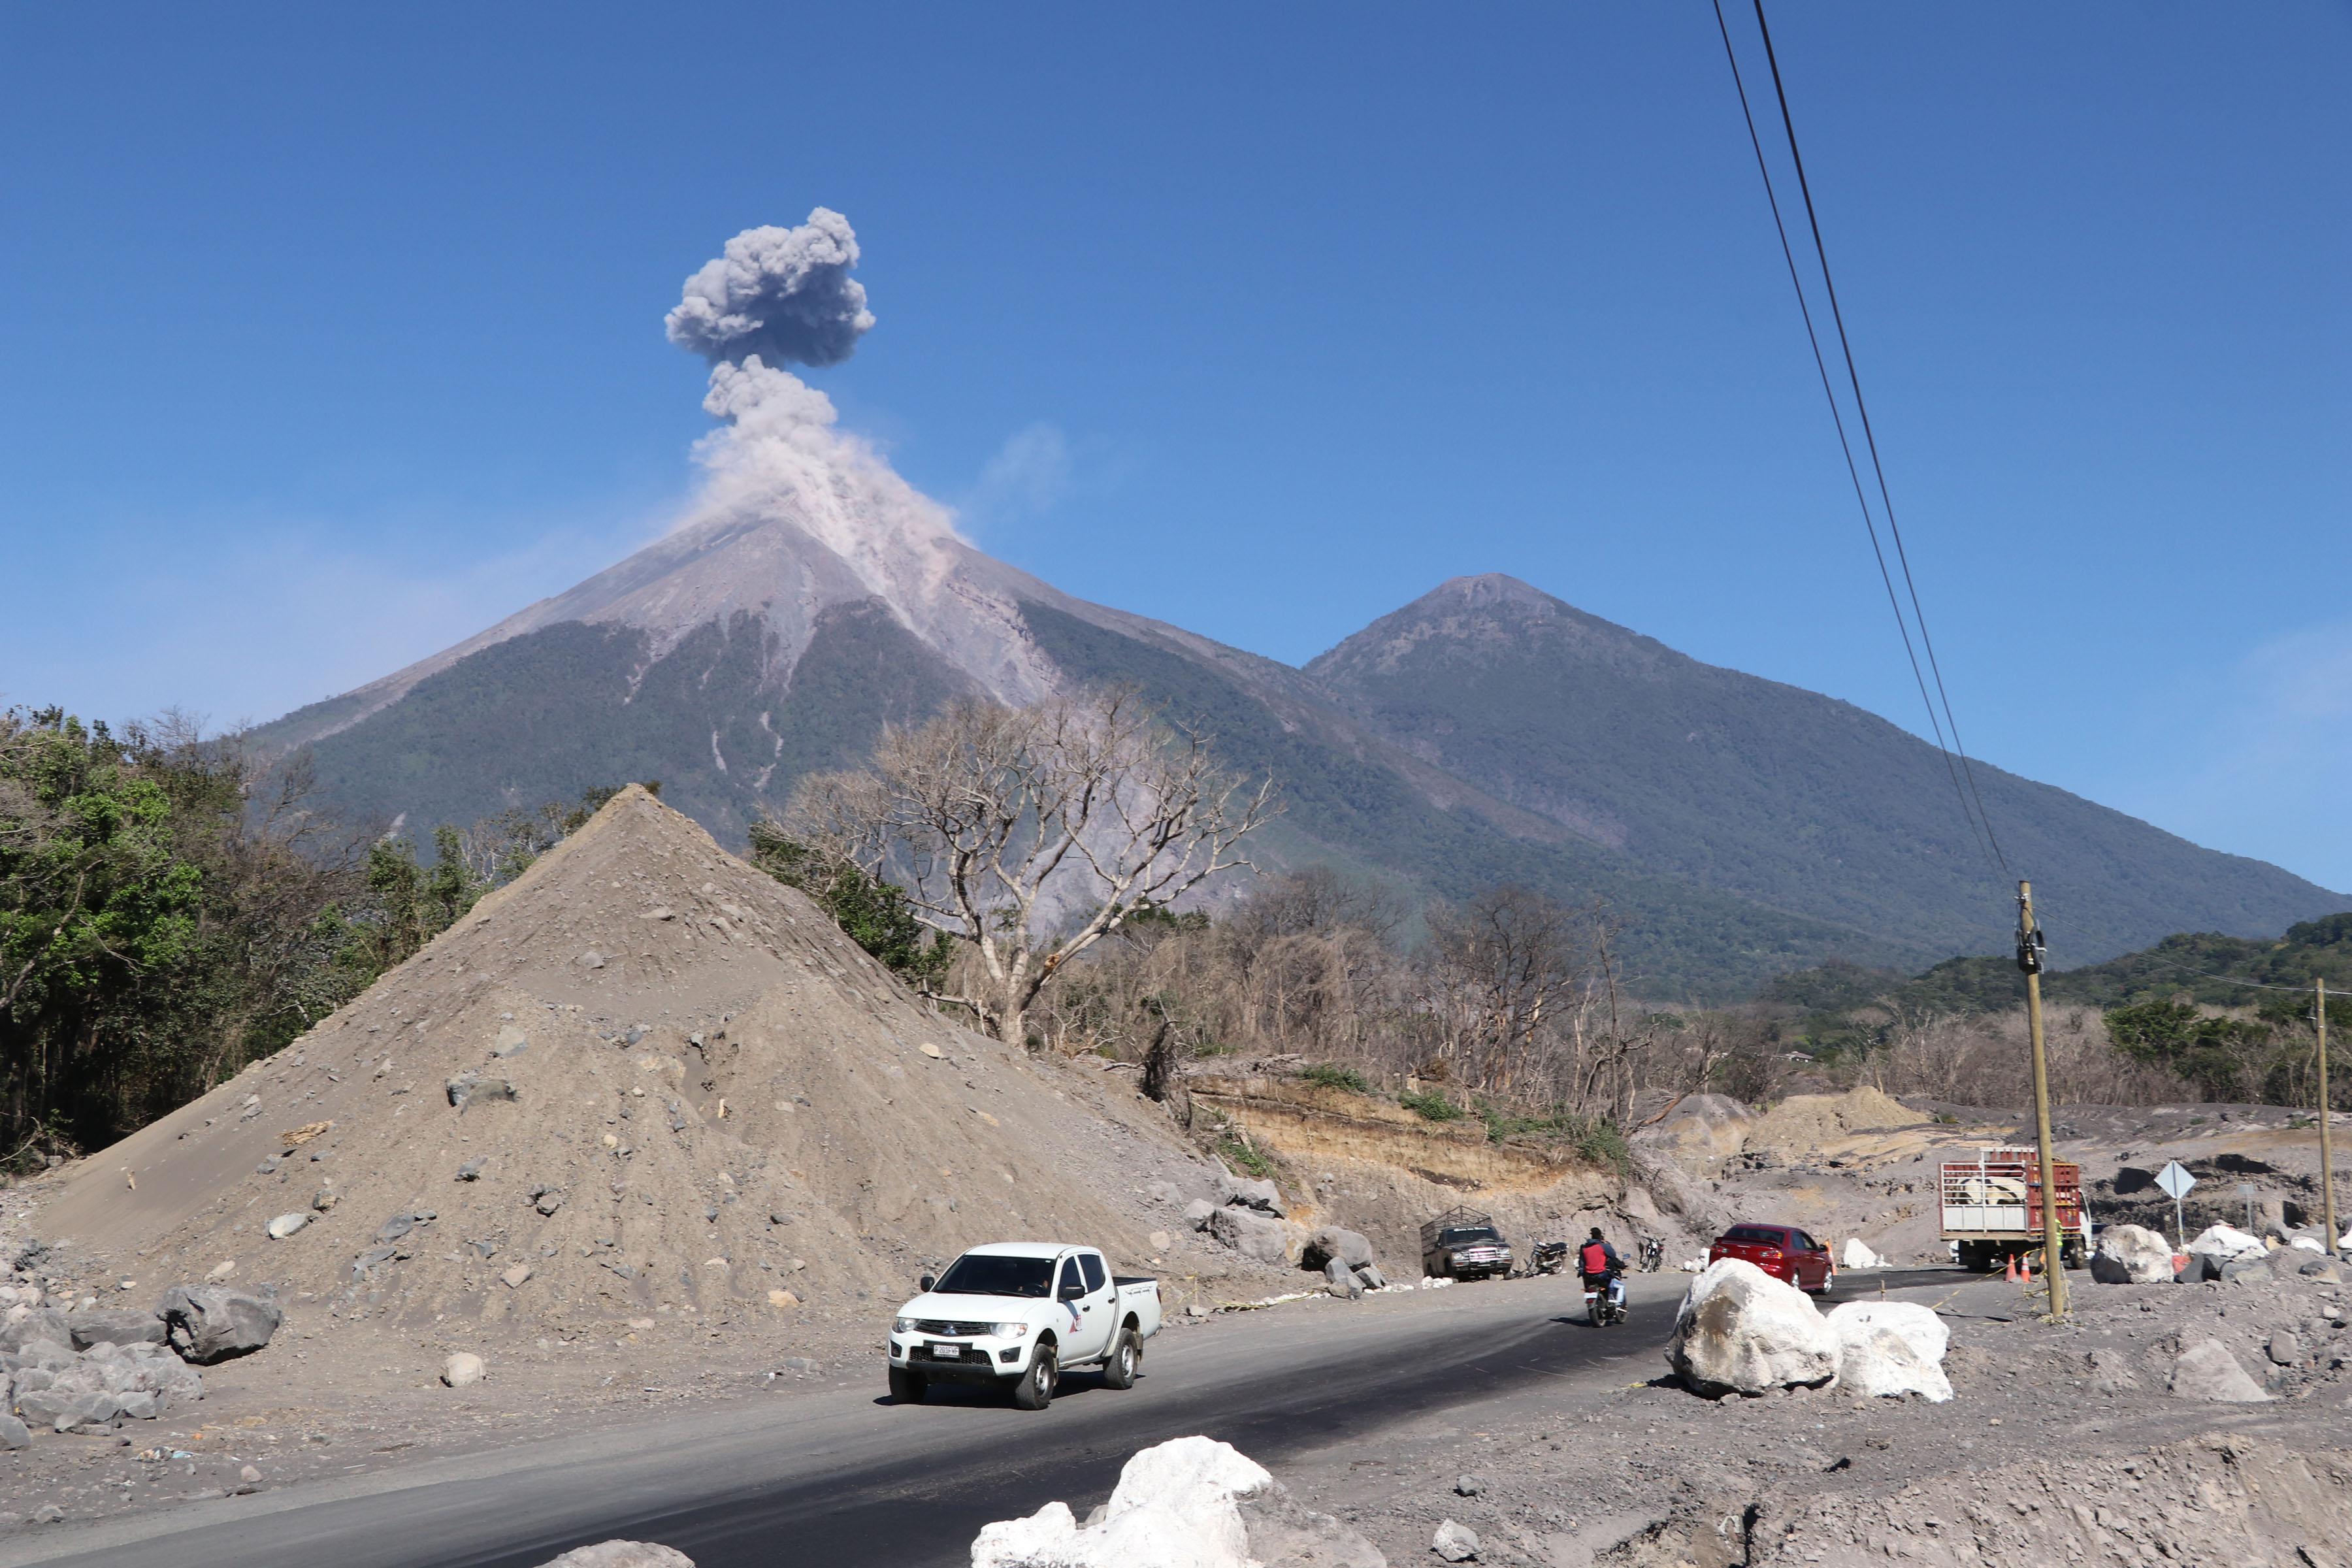 La erupción del Volcán de Fuego, ocurrida el 3 de junio del 2018 en Guatemala, dejó cientos de personas muertas y desaparecidas. (Foto HemerotecaPL)